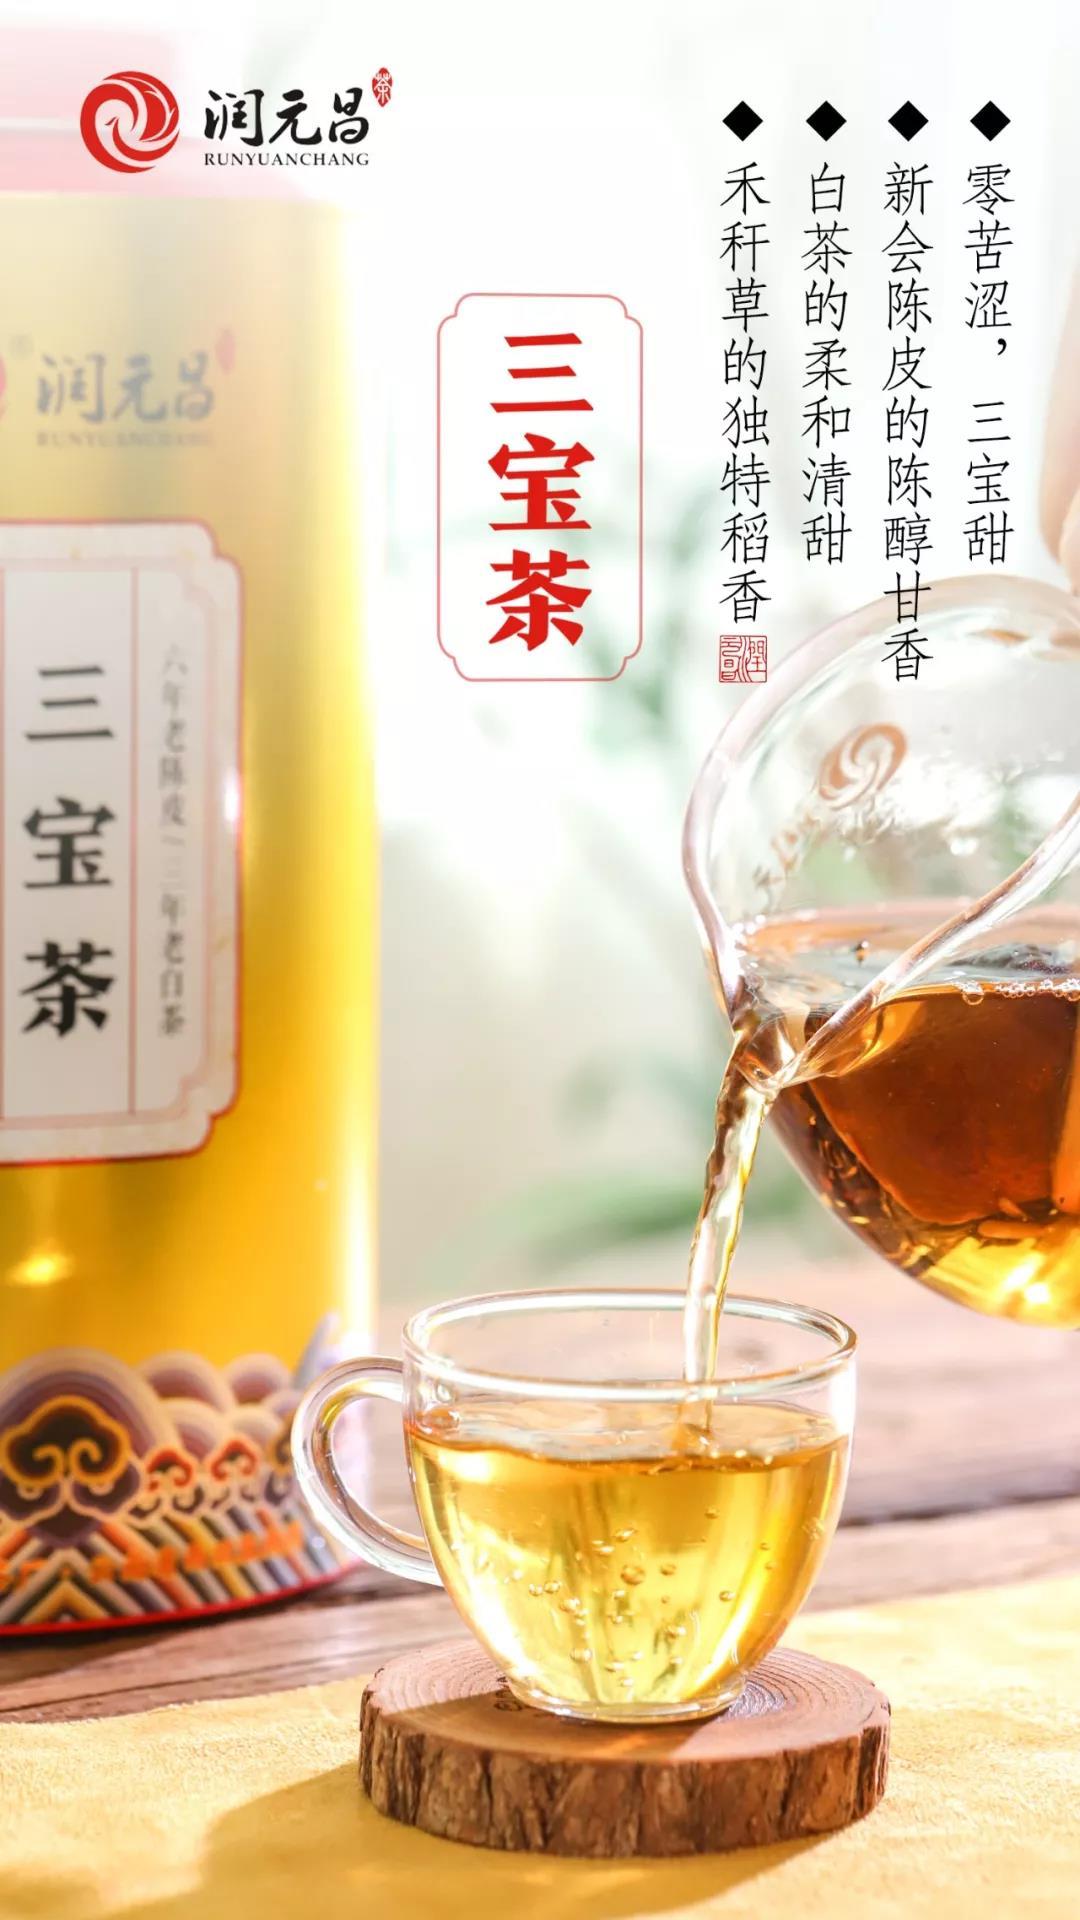 三寶茶的價格